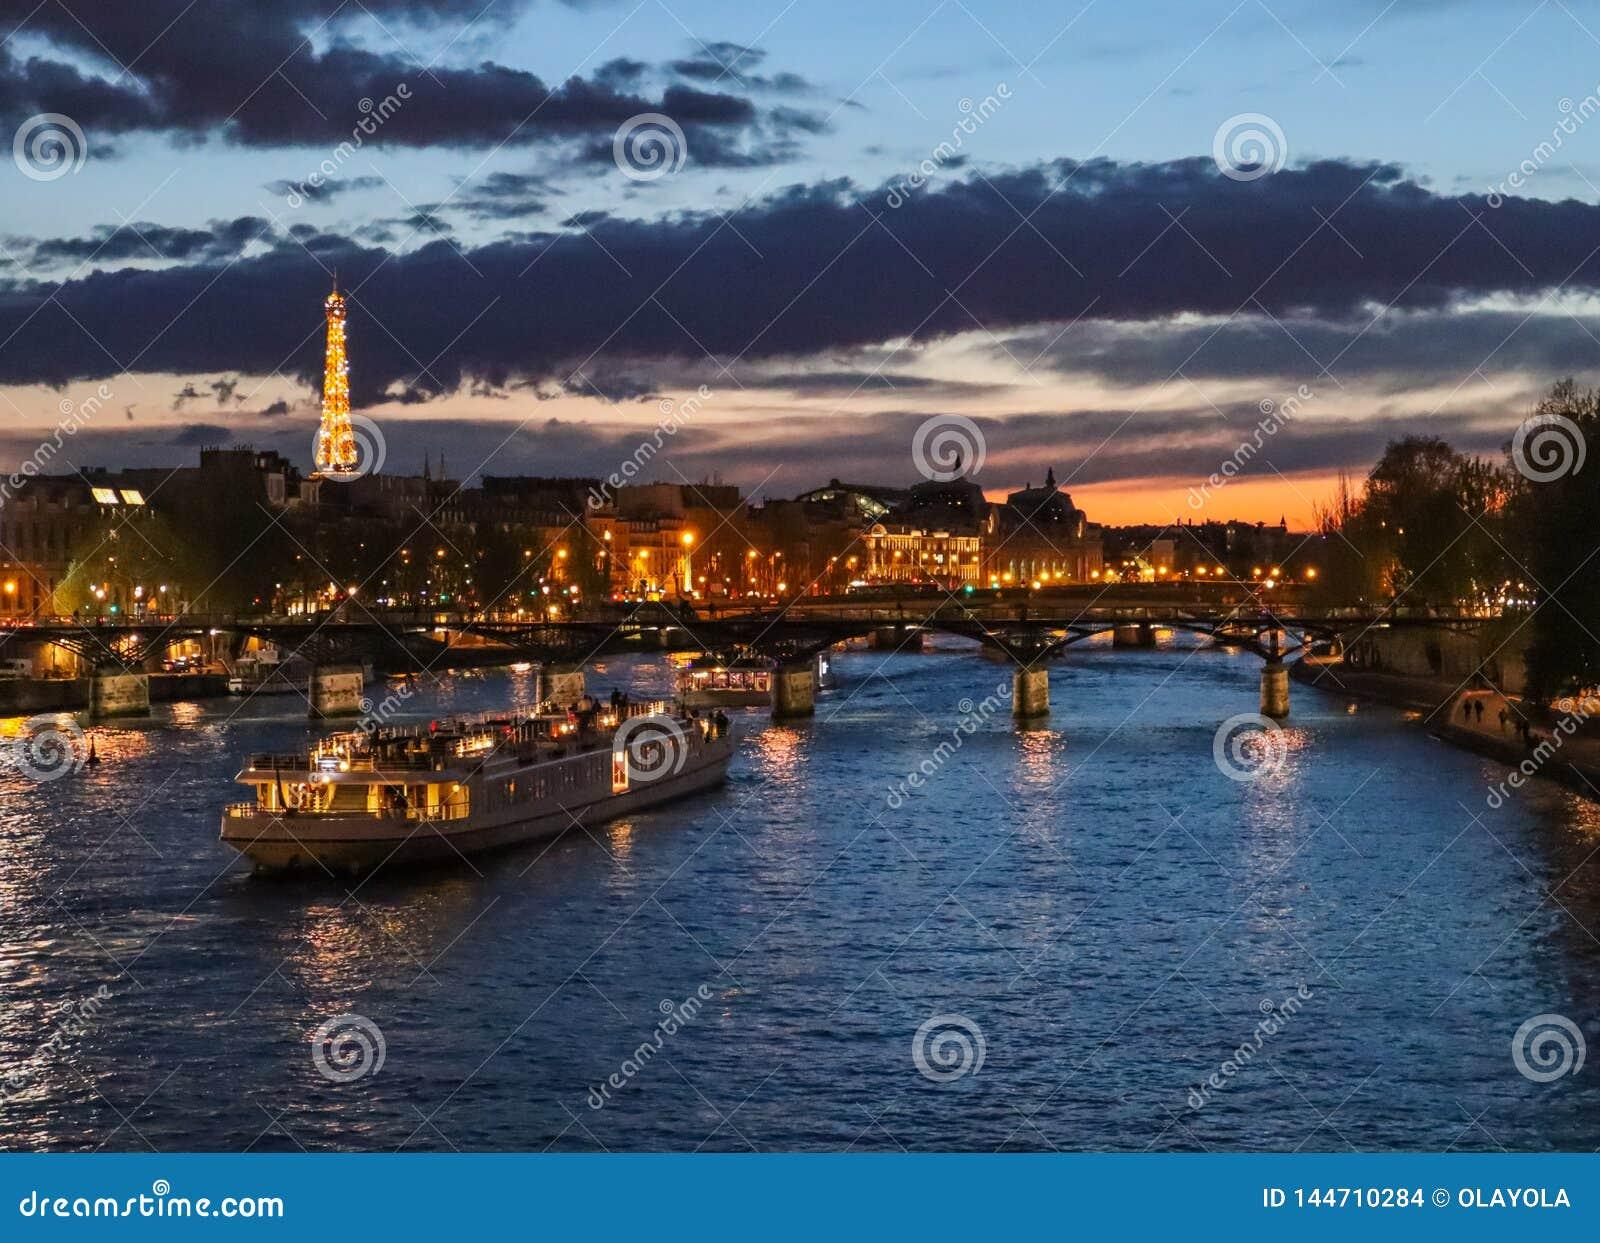 Noche hermosa Par?s, torre Eiffel chispeante, puente Pont des Arts sobre el r?o el Sena y barcos tur?sticos francia